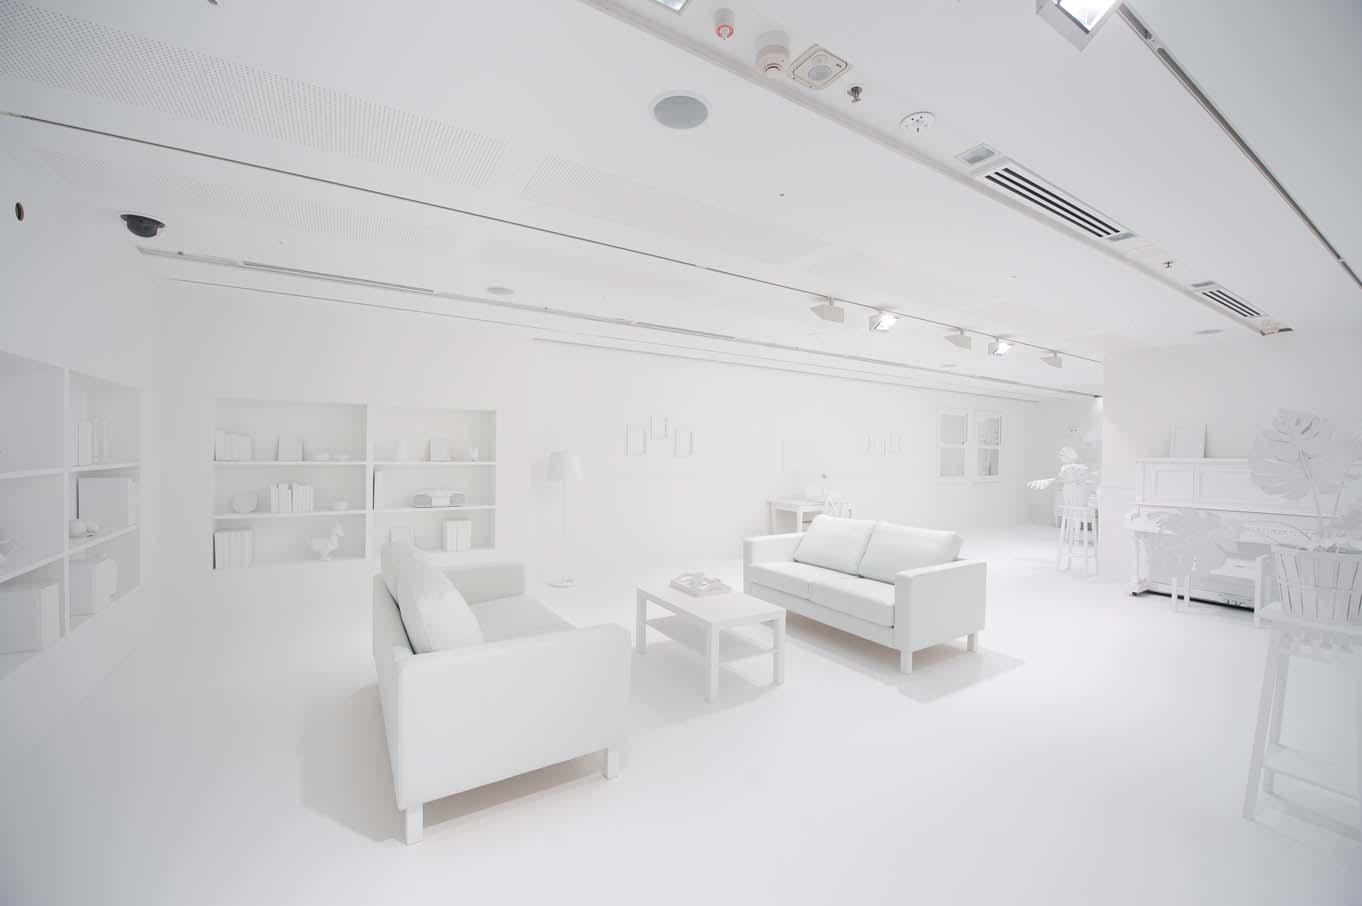 La 'habitación borrada' antes de los lunares